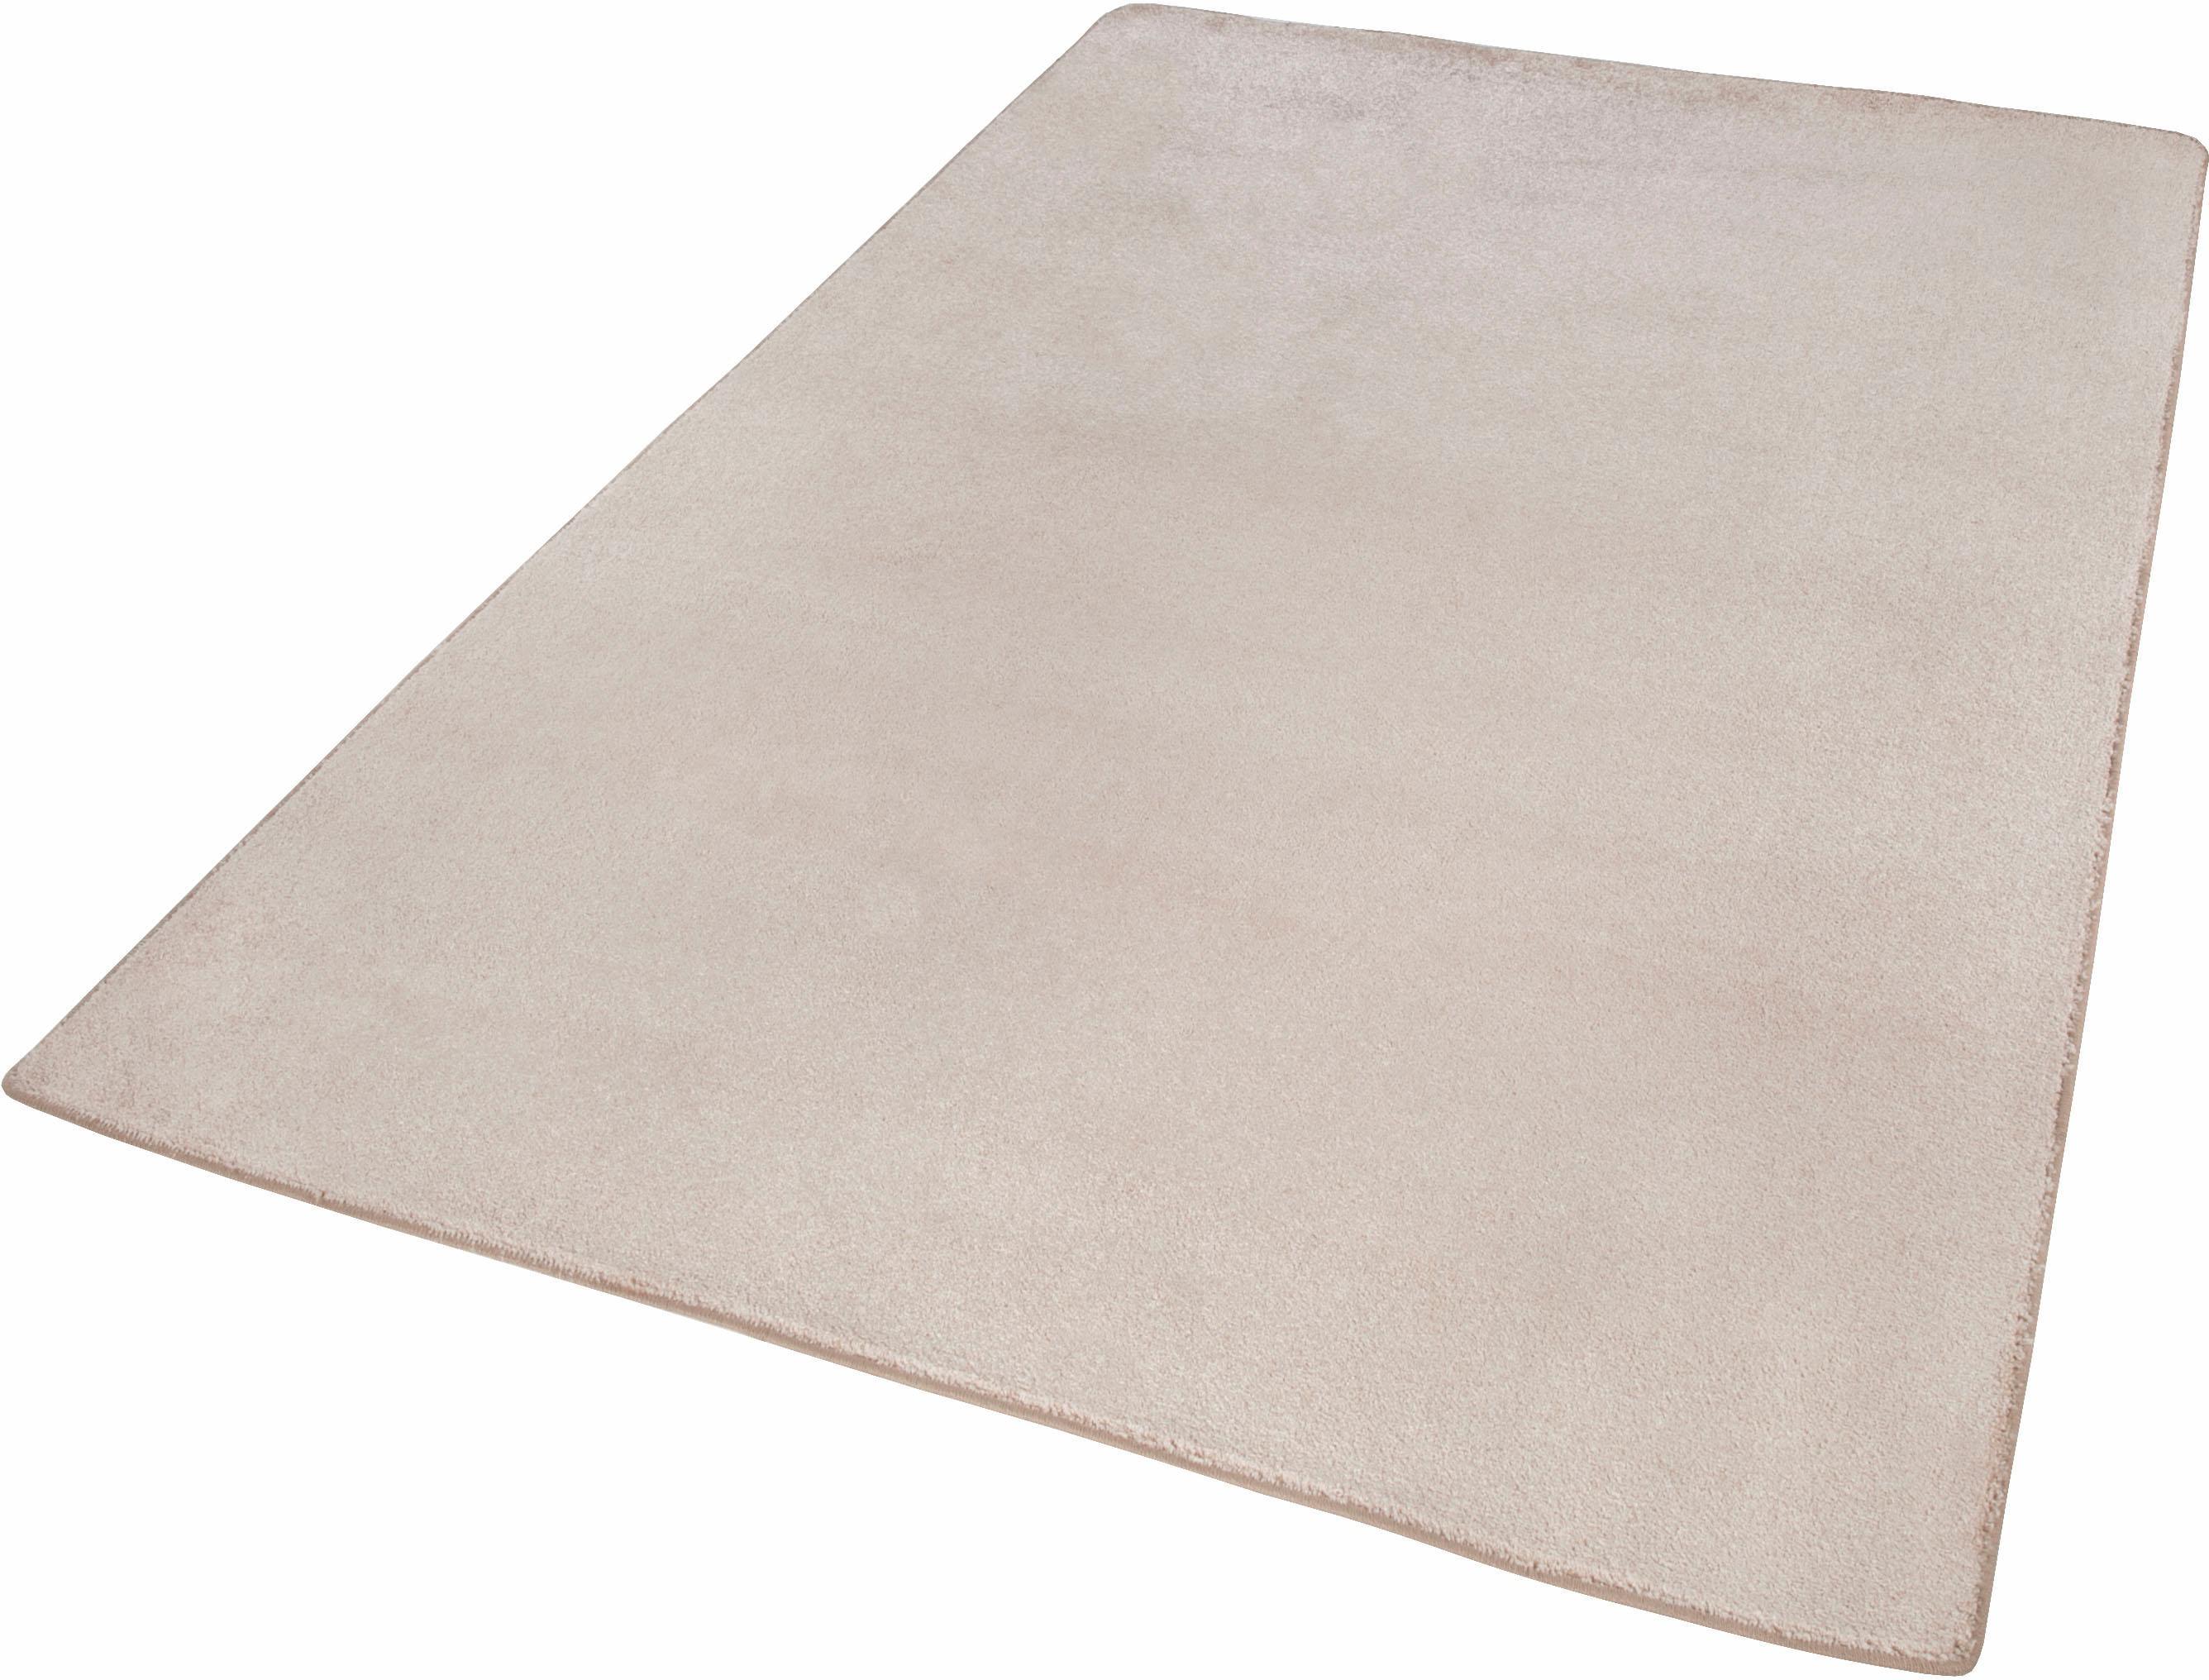 Teppich South Beach Barbara Becker rechteckig Höhe 8 mm maschinell getuftet